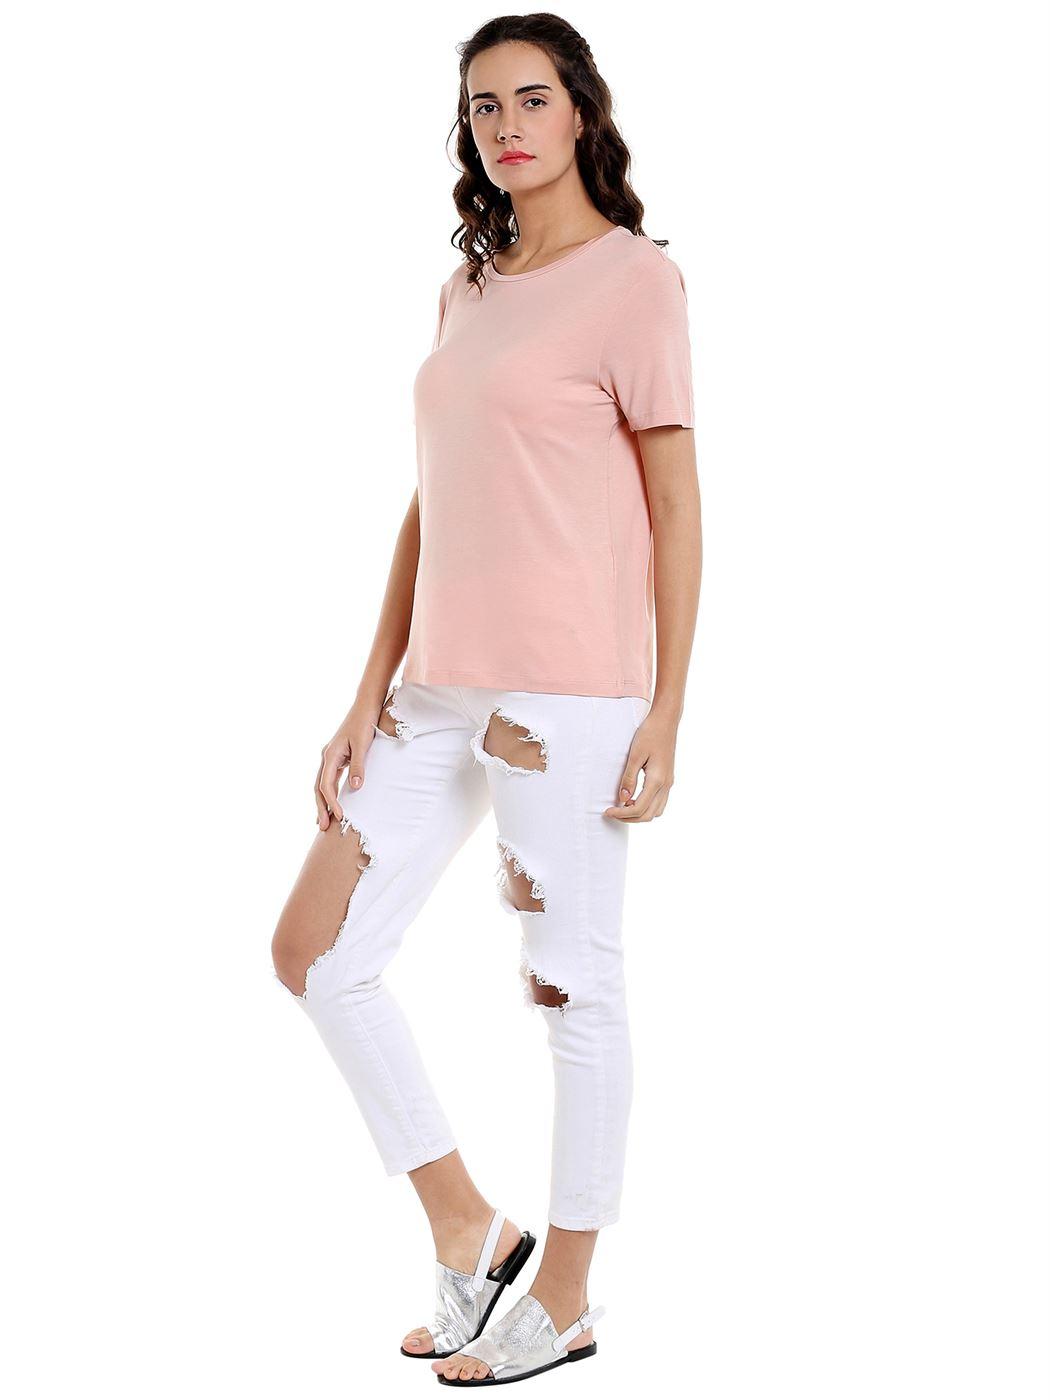 Vero Moda Women's Half Sleeve Pink Top